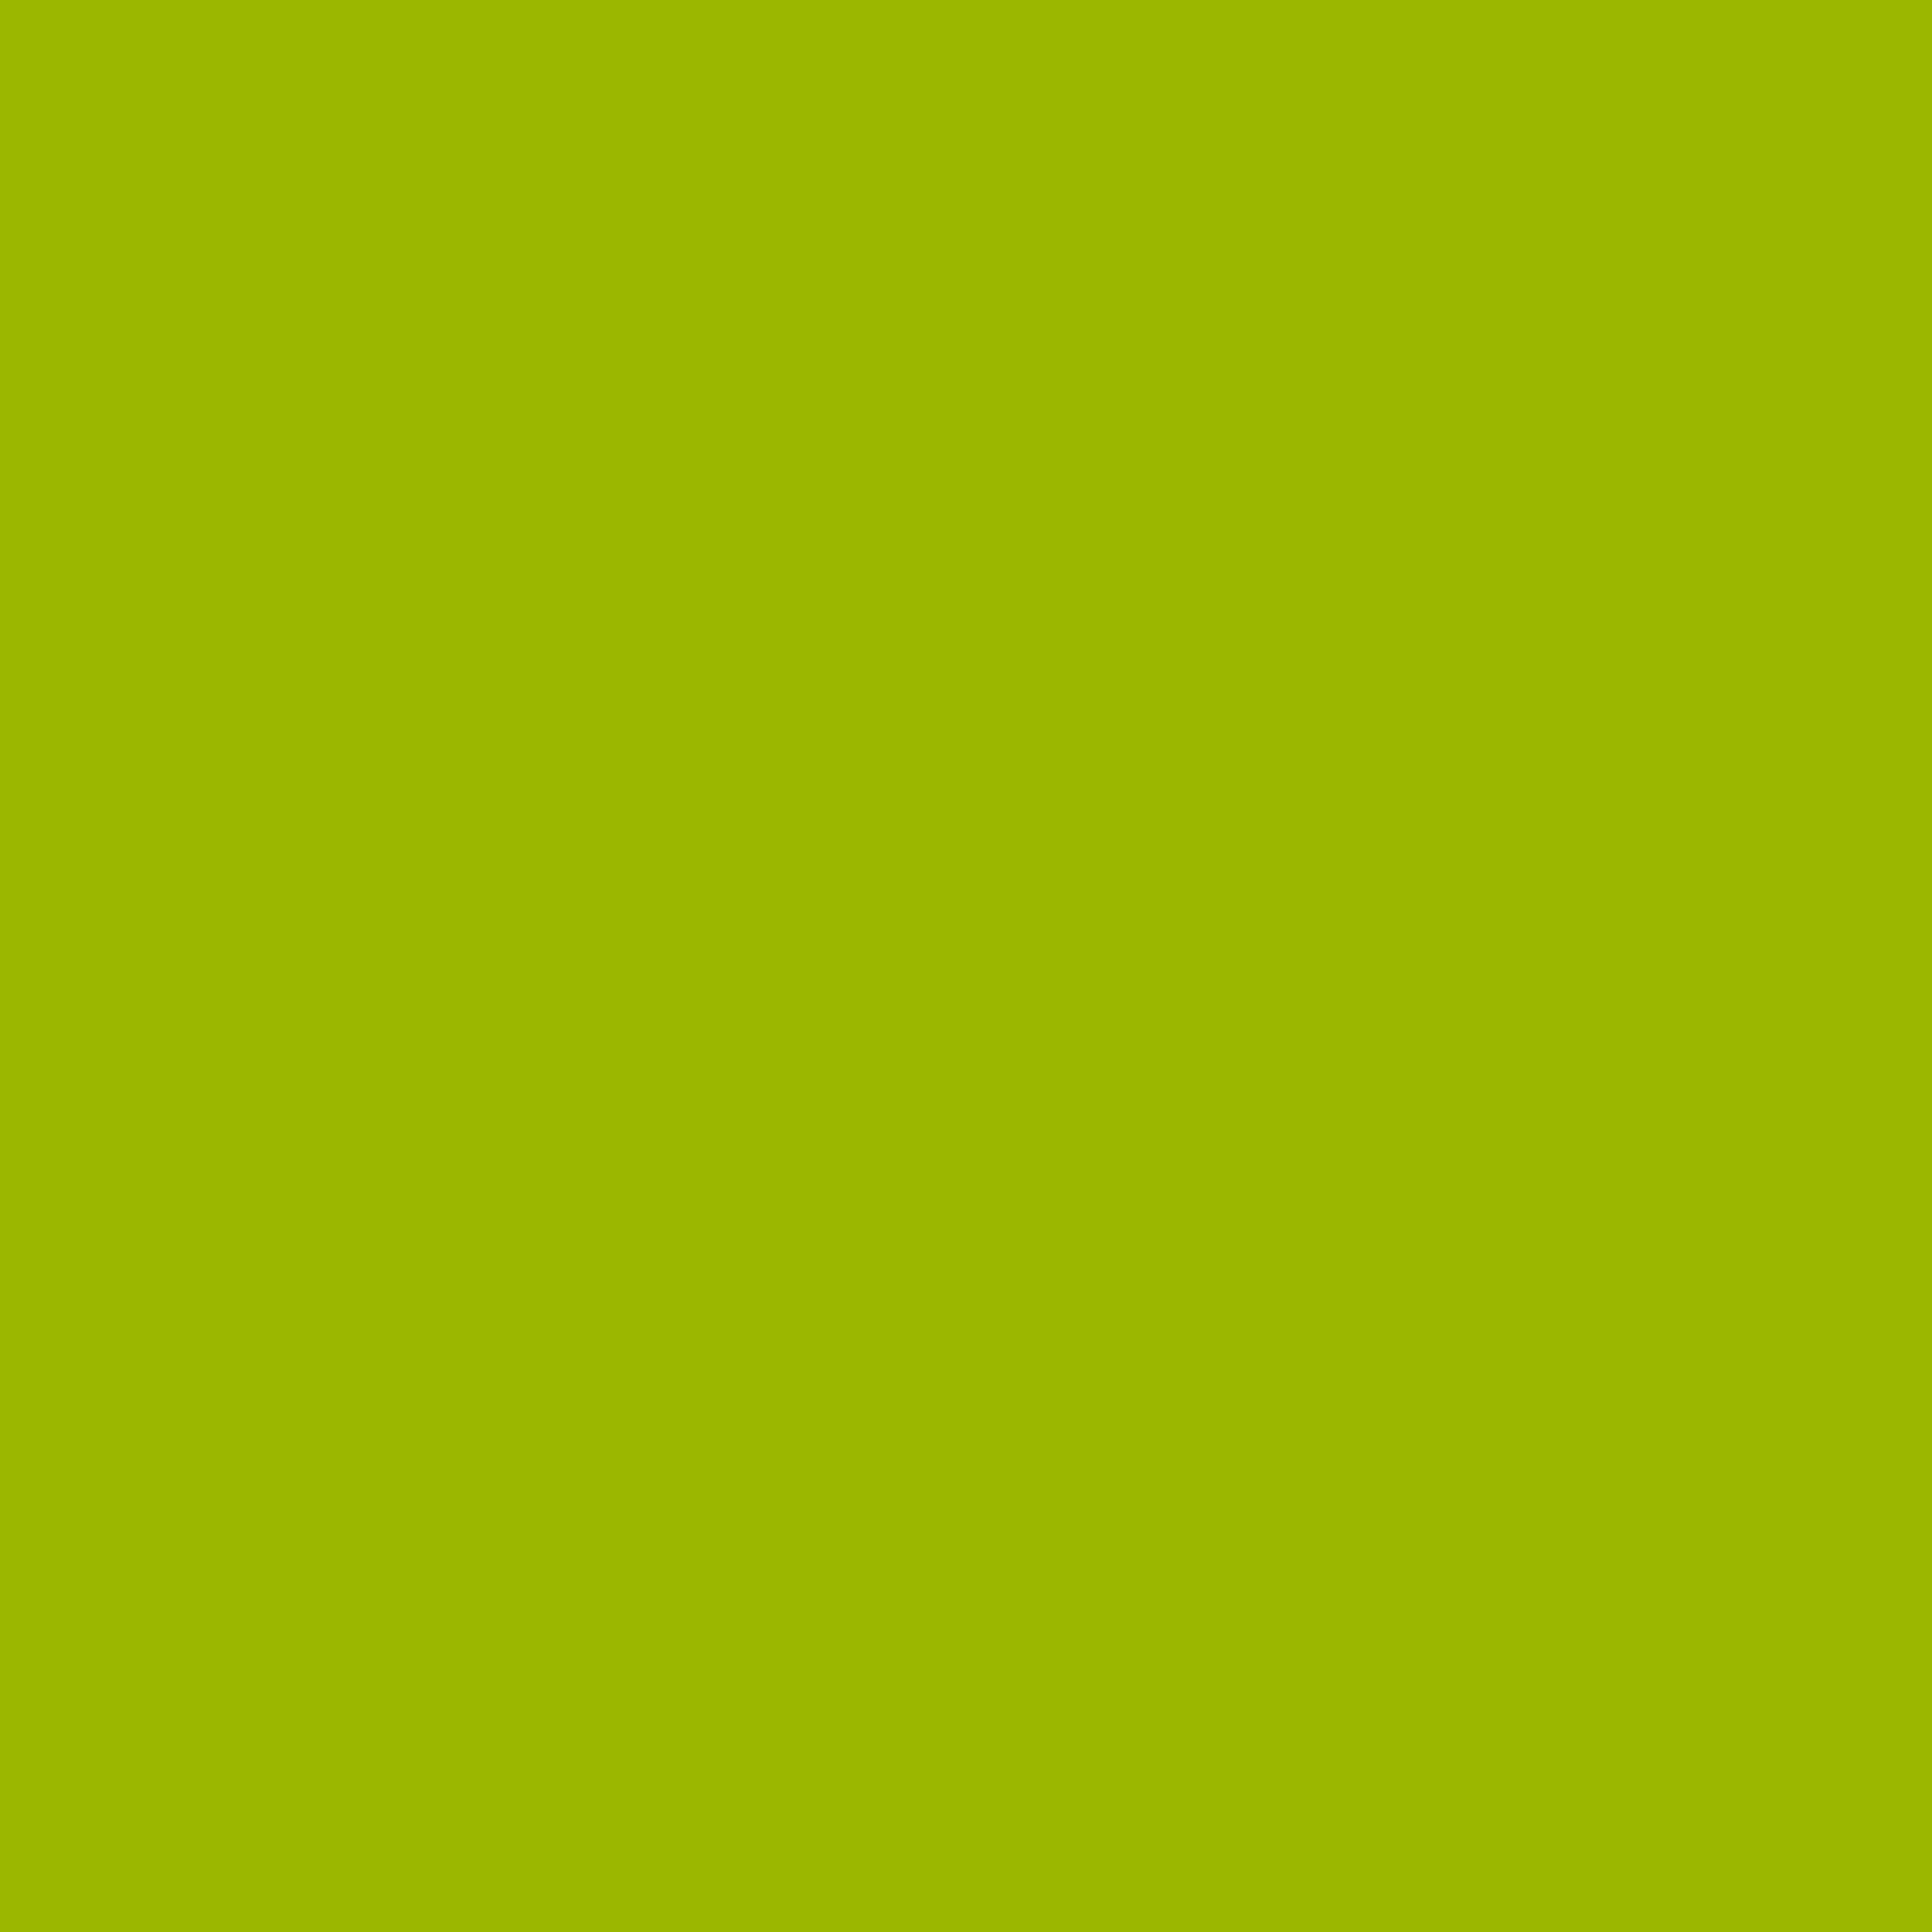 07. zelená